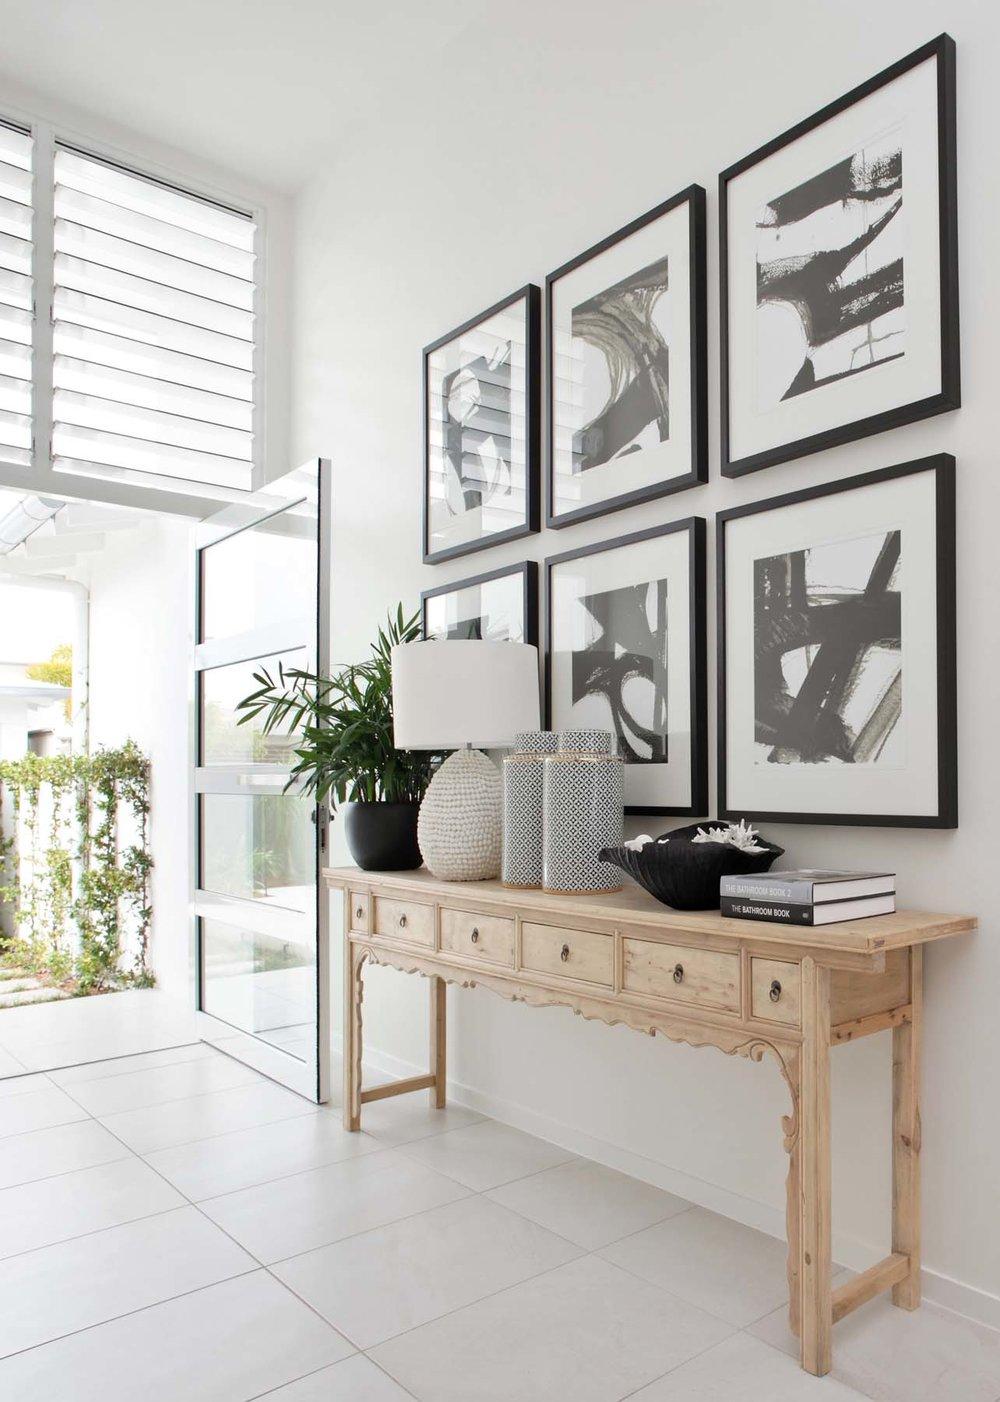 gail hinkley design noosa waters residence2jpg